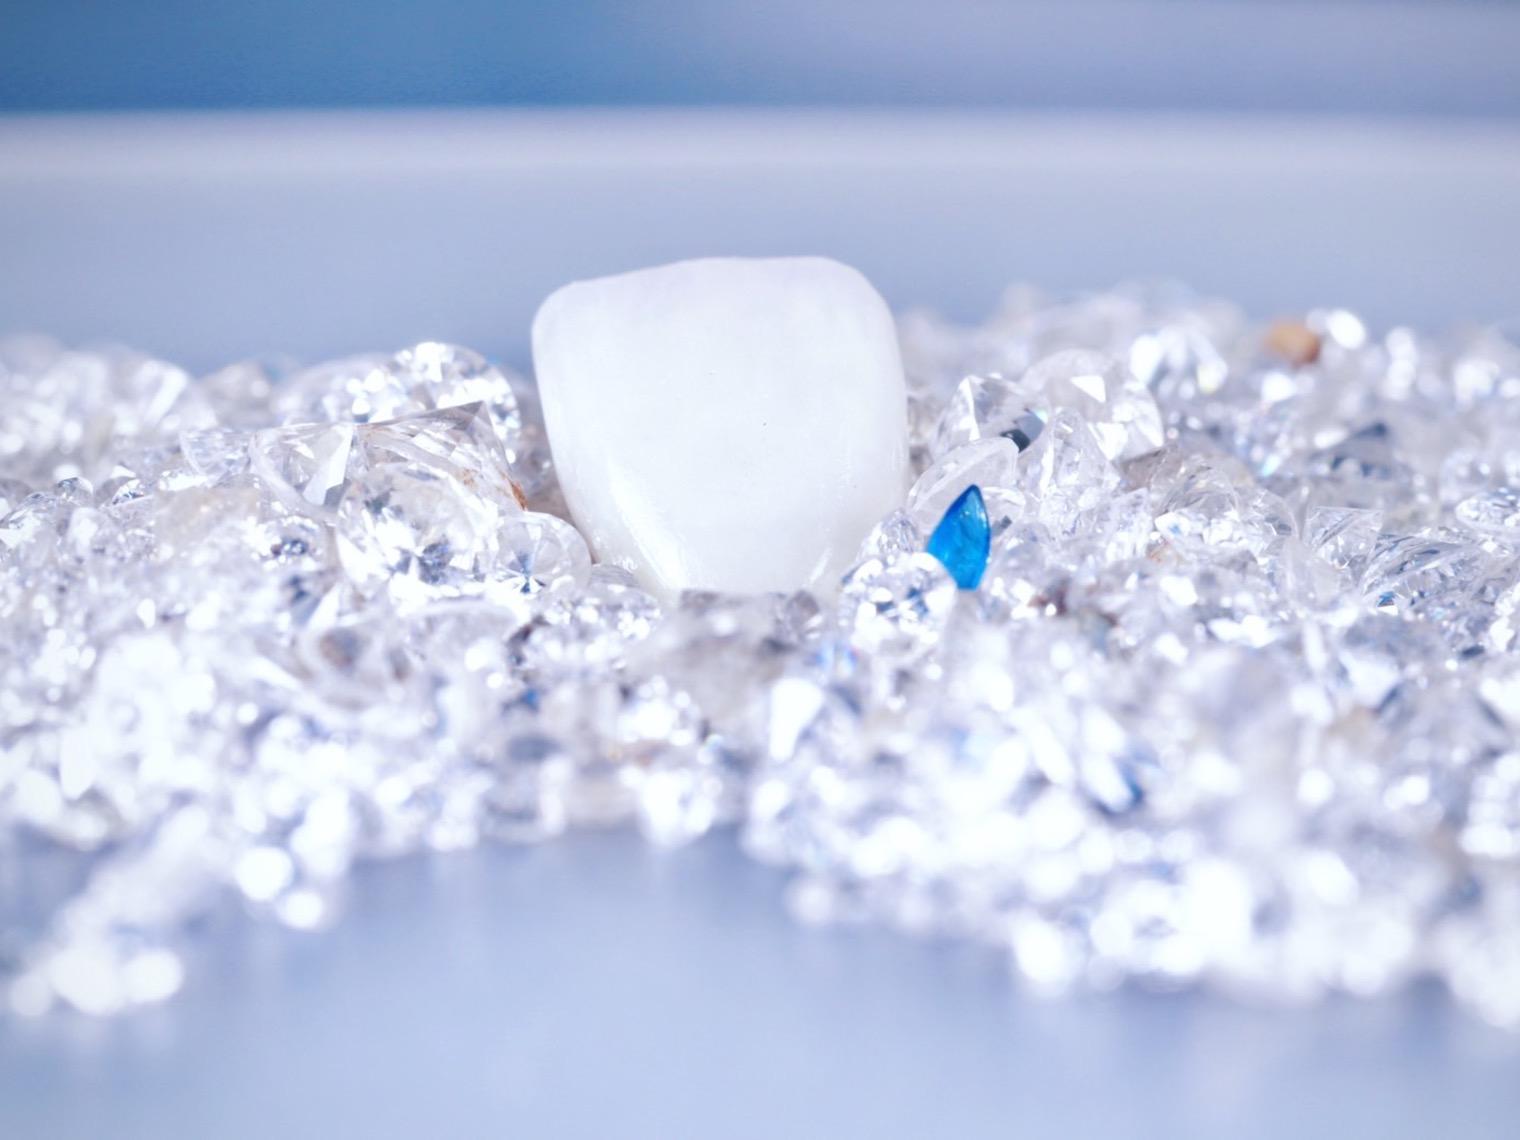 若將牙齒比喻成戴在手上的鑽戒也不為過,而且牙齒長在臉上,無論是吃飯、講話、談戀愛都會用到它,簡直比鑽戒還要實用呢!需要做假牙的人,不外乎是蛀牙導致大量牙齒損耗、根管治療後套上牙冠保護、植牙、為了調整牙齒微笑曲線的美觀等等。